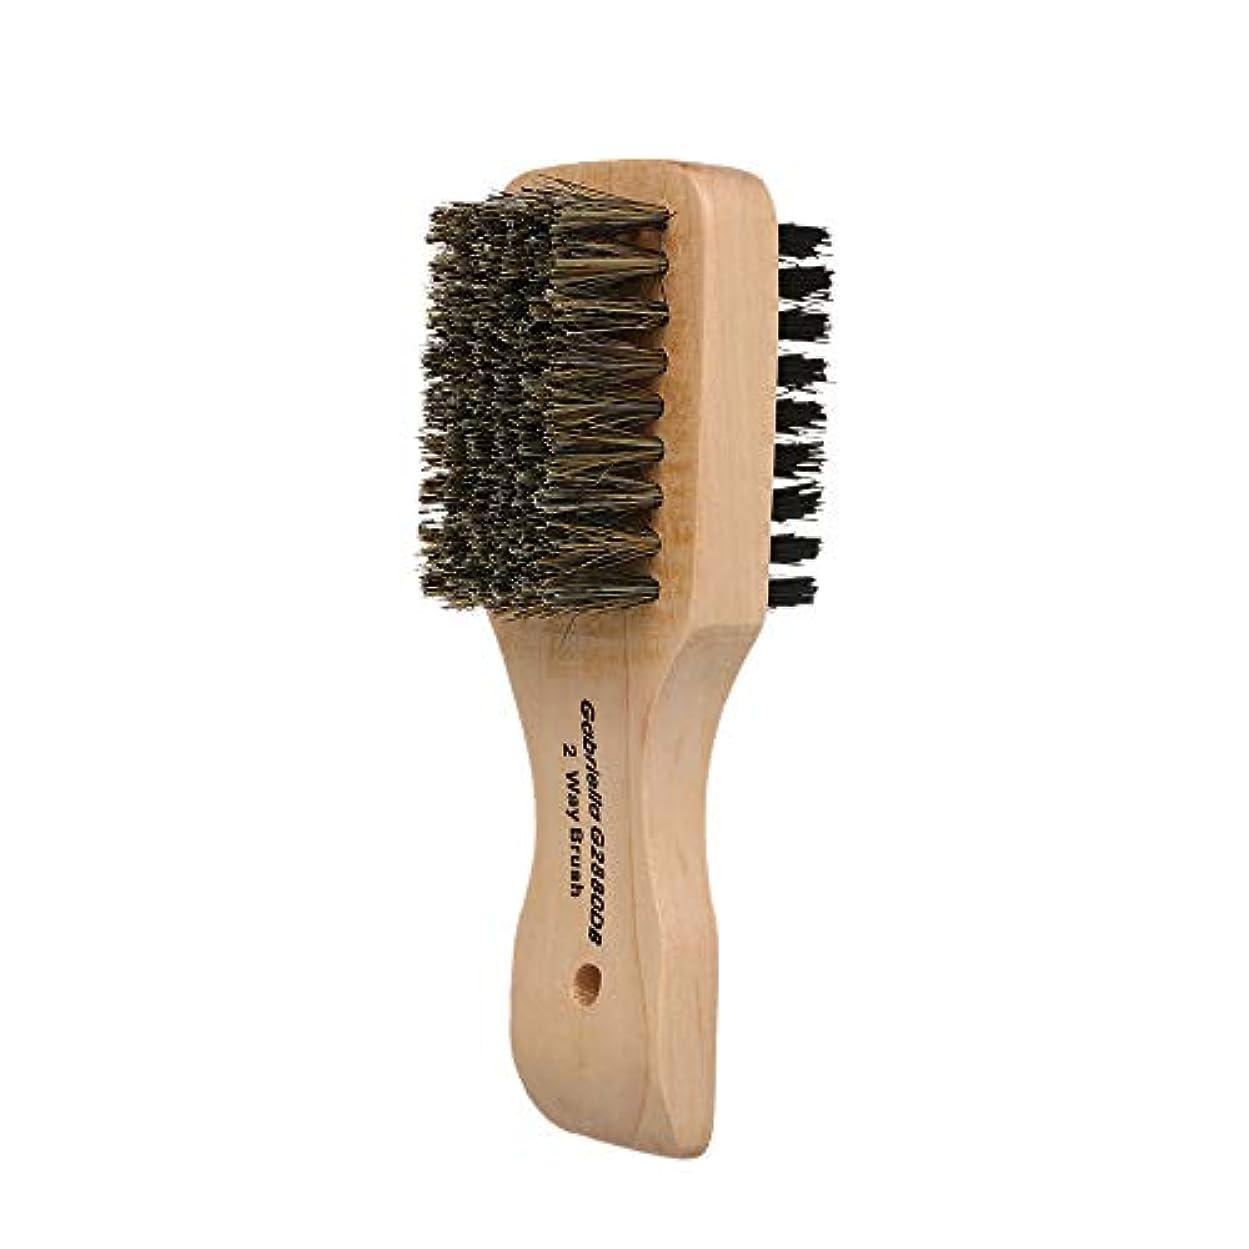 に対処する無力滞在Decdeal シェービングブラシ メンズ 理容 洗顔 髭剃り